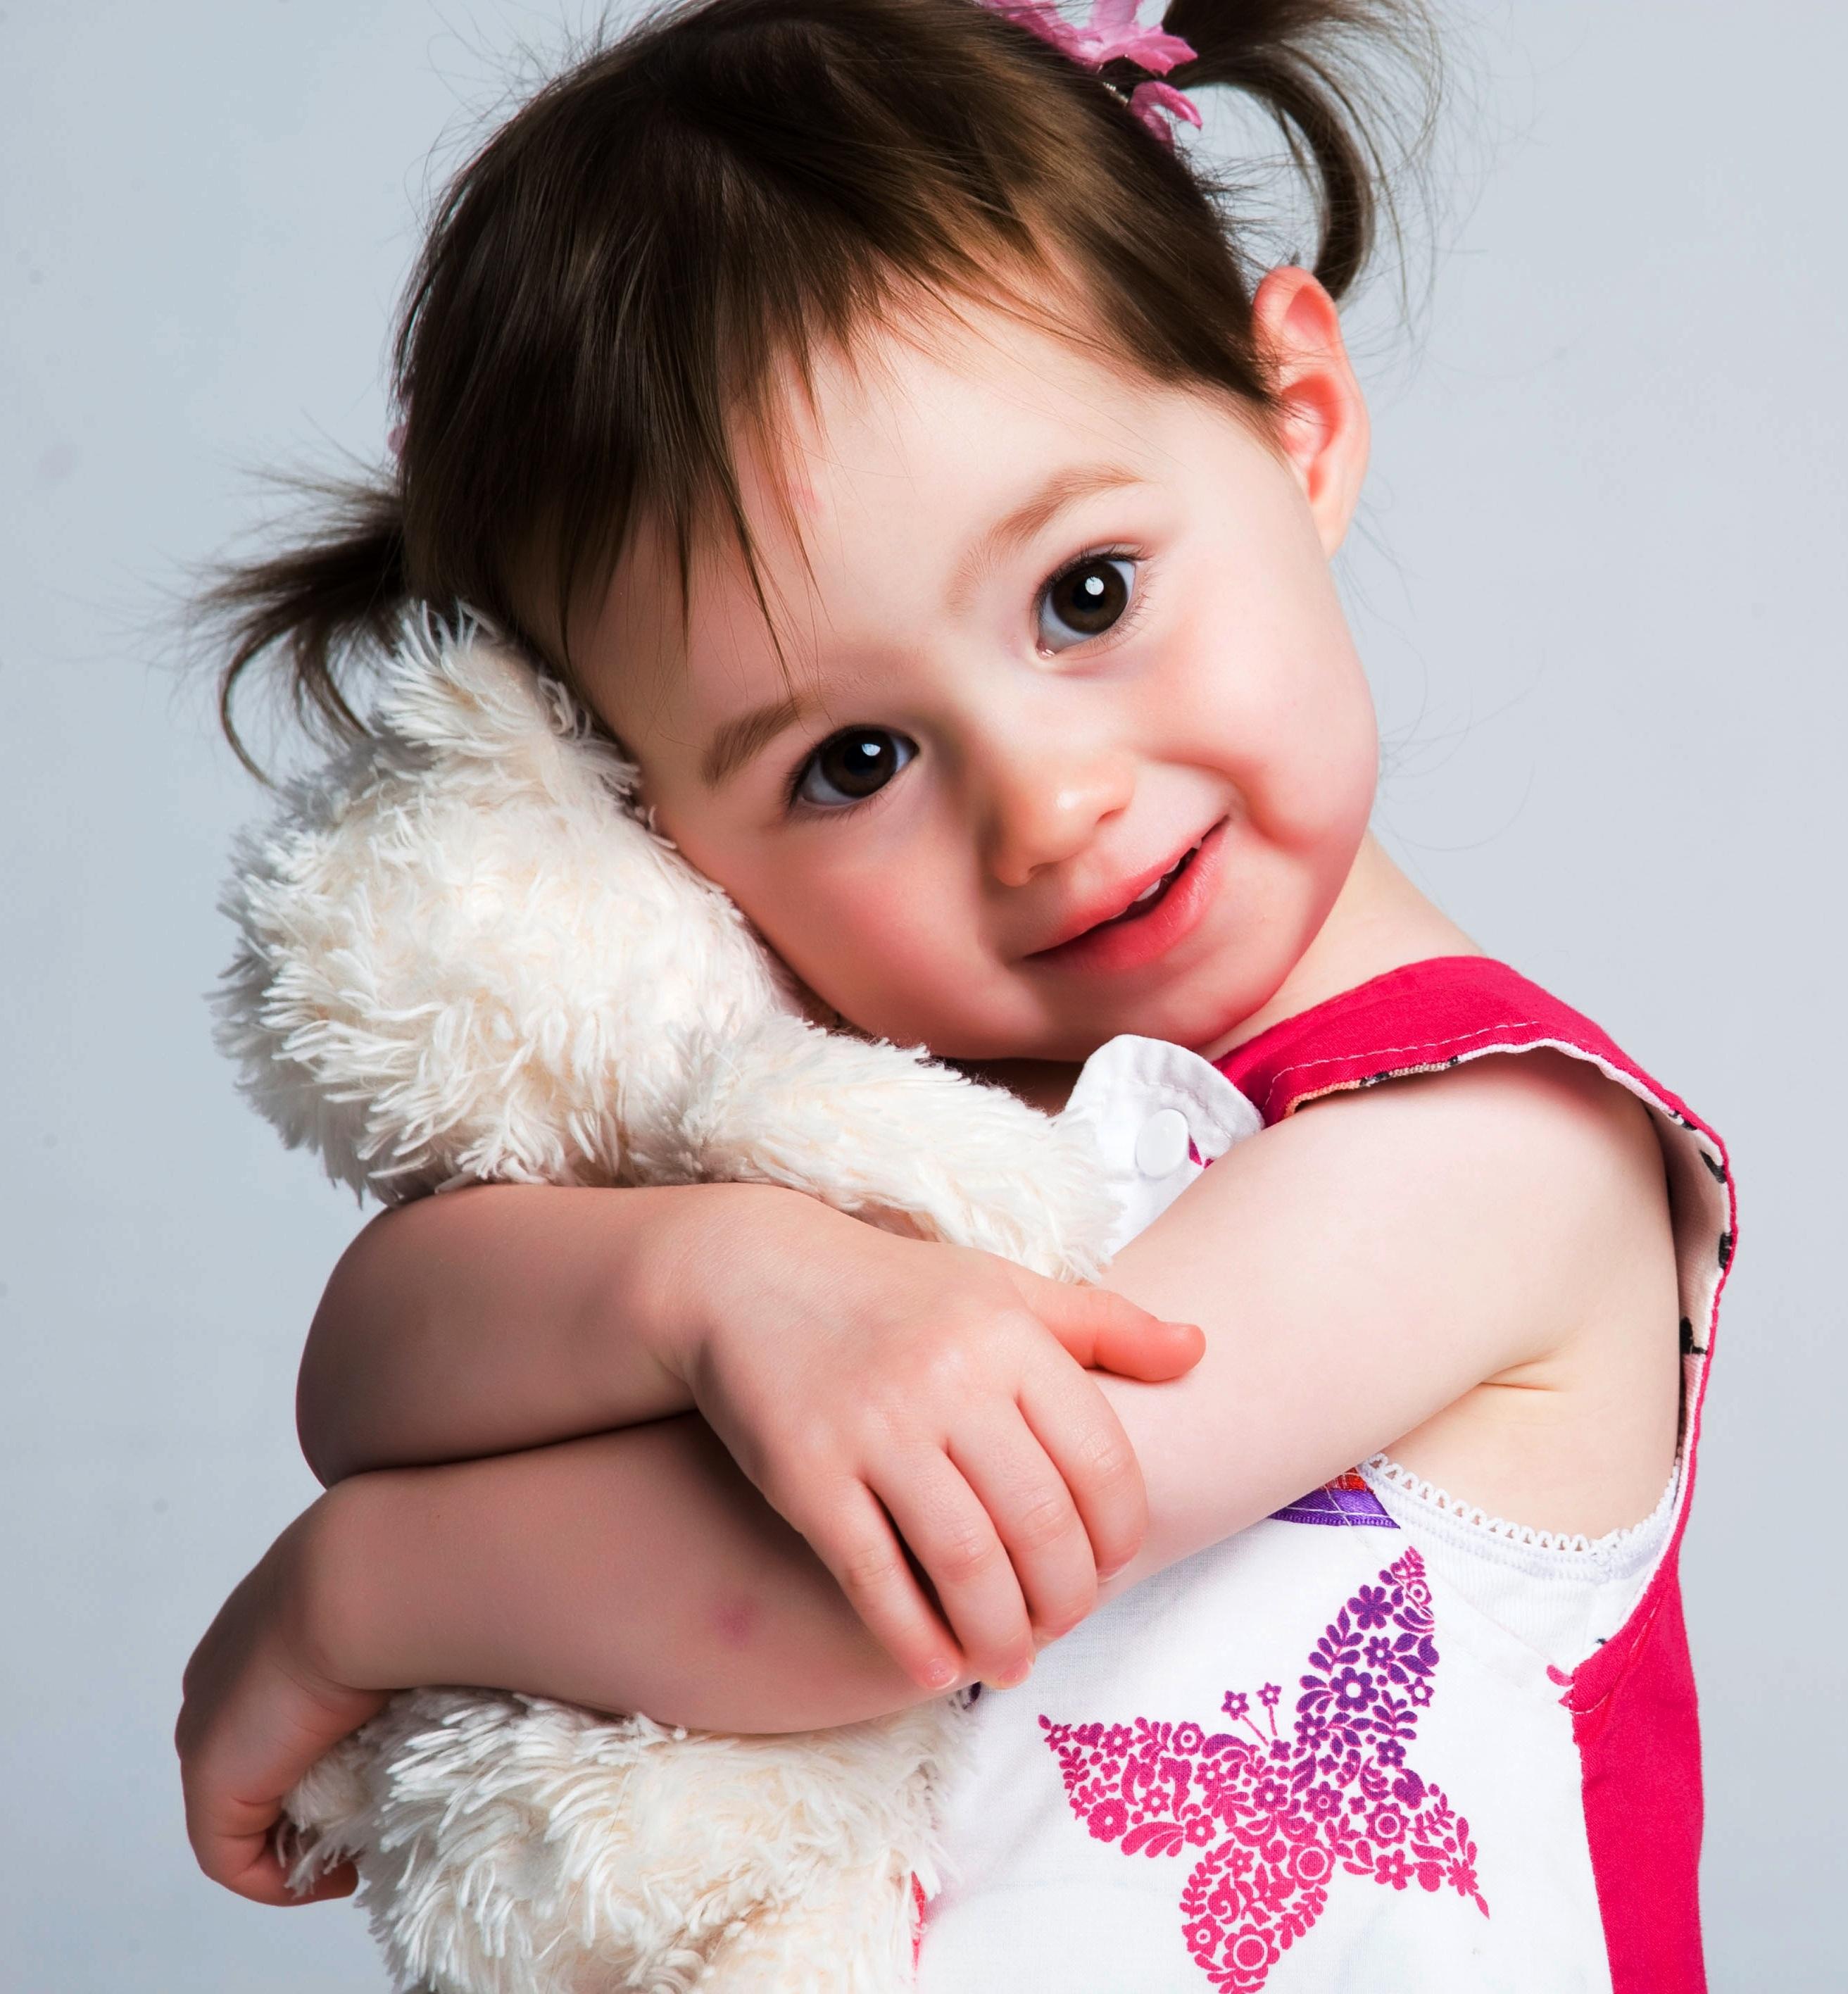 Cute Duck Wallpapers 177 Heartwarming Baby Photos 183 Pexels 183 Free Stock Photos